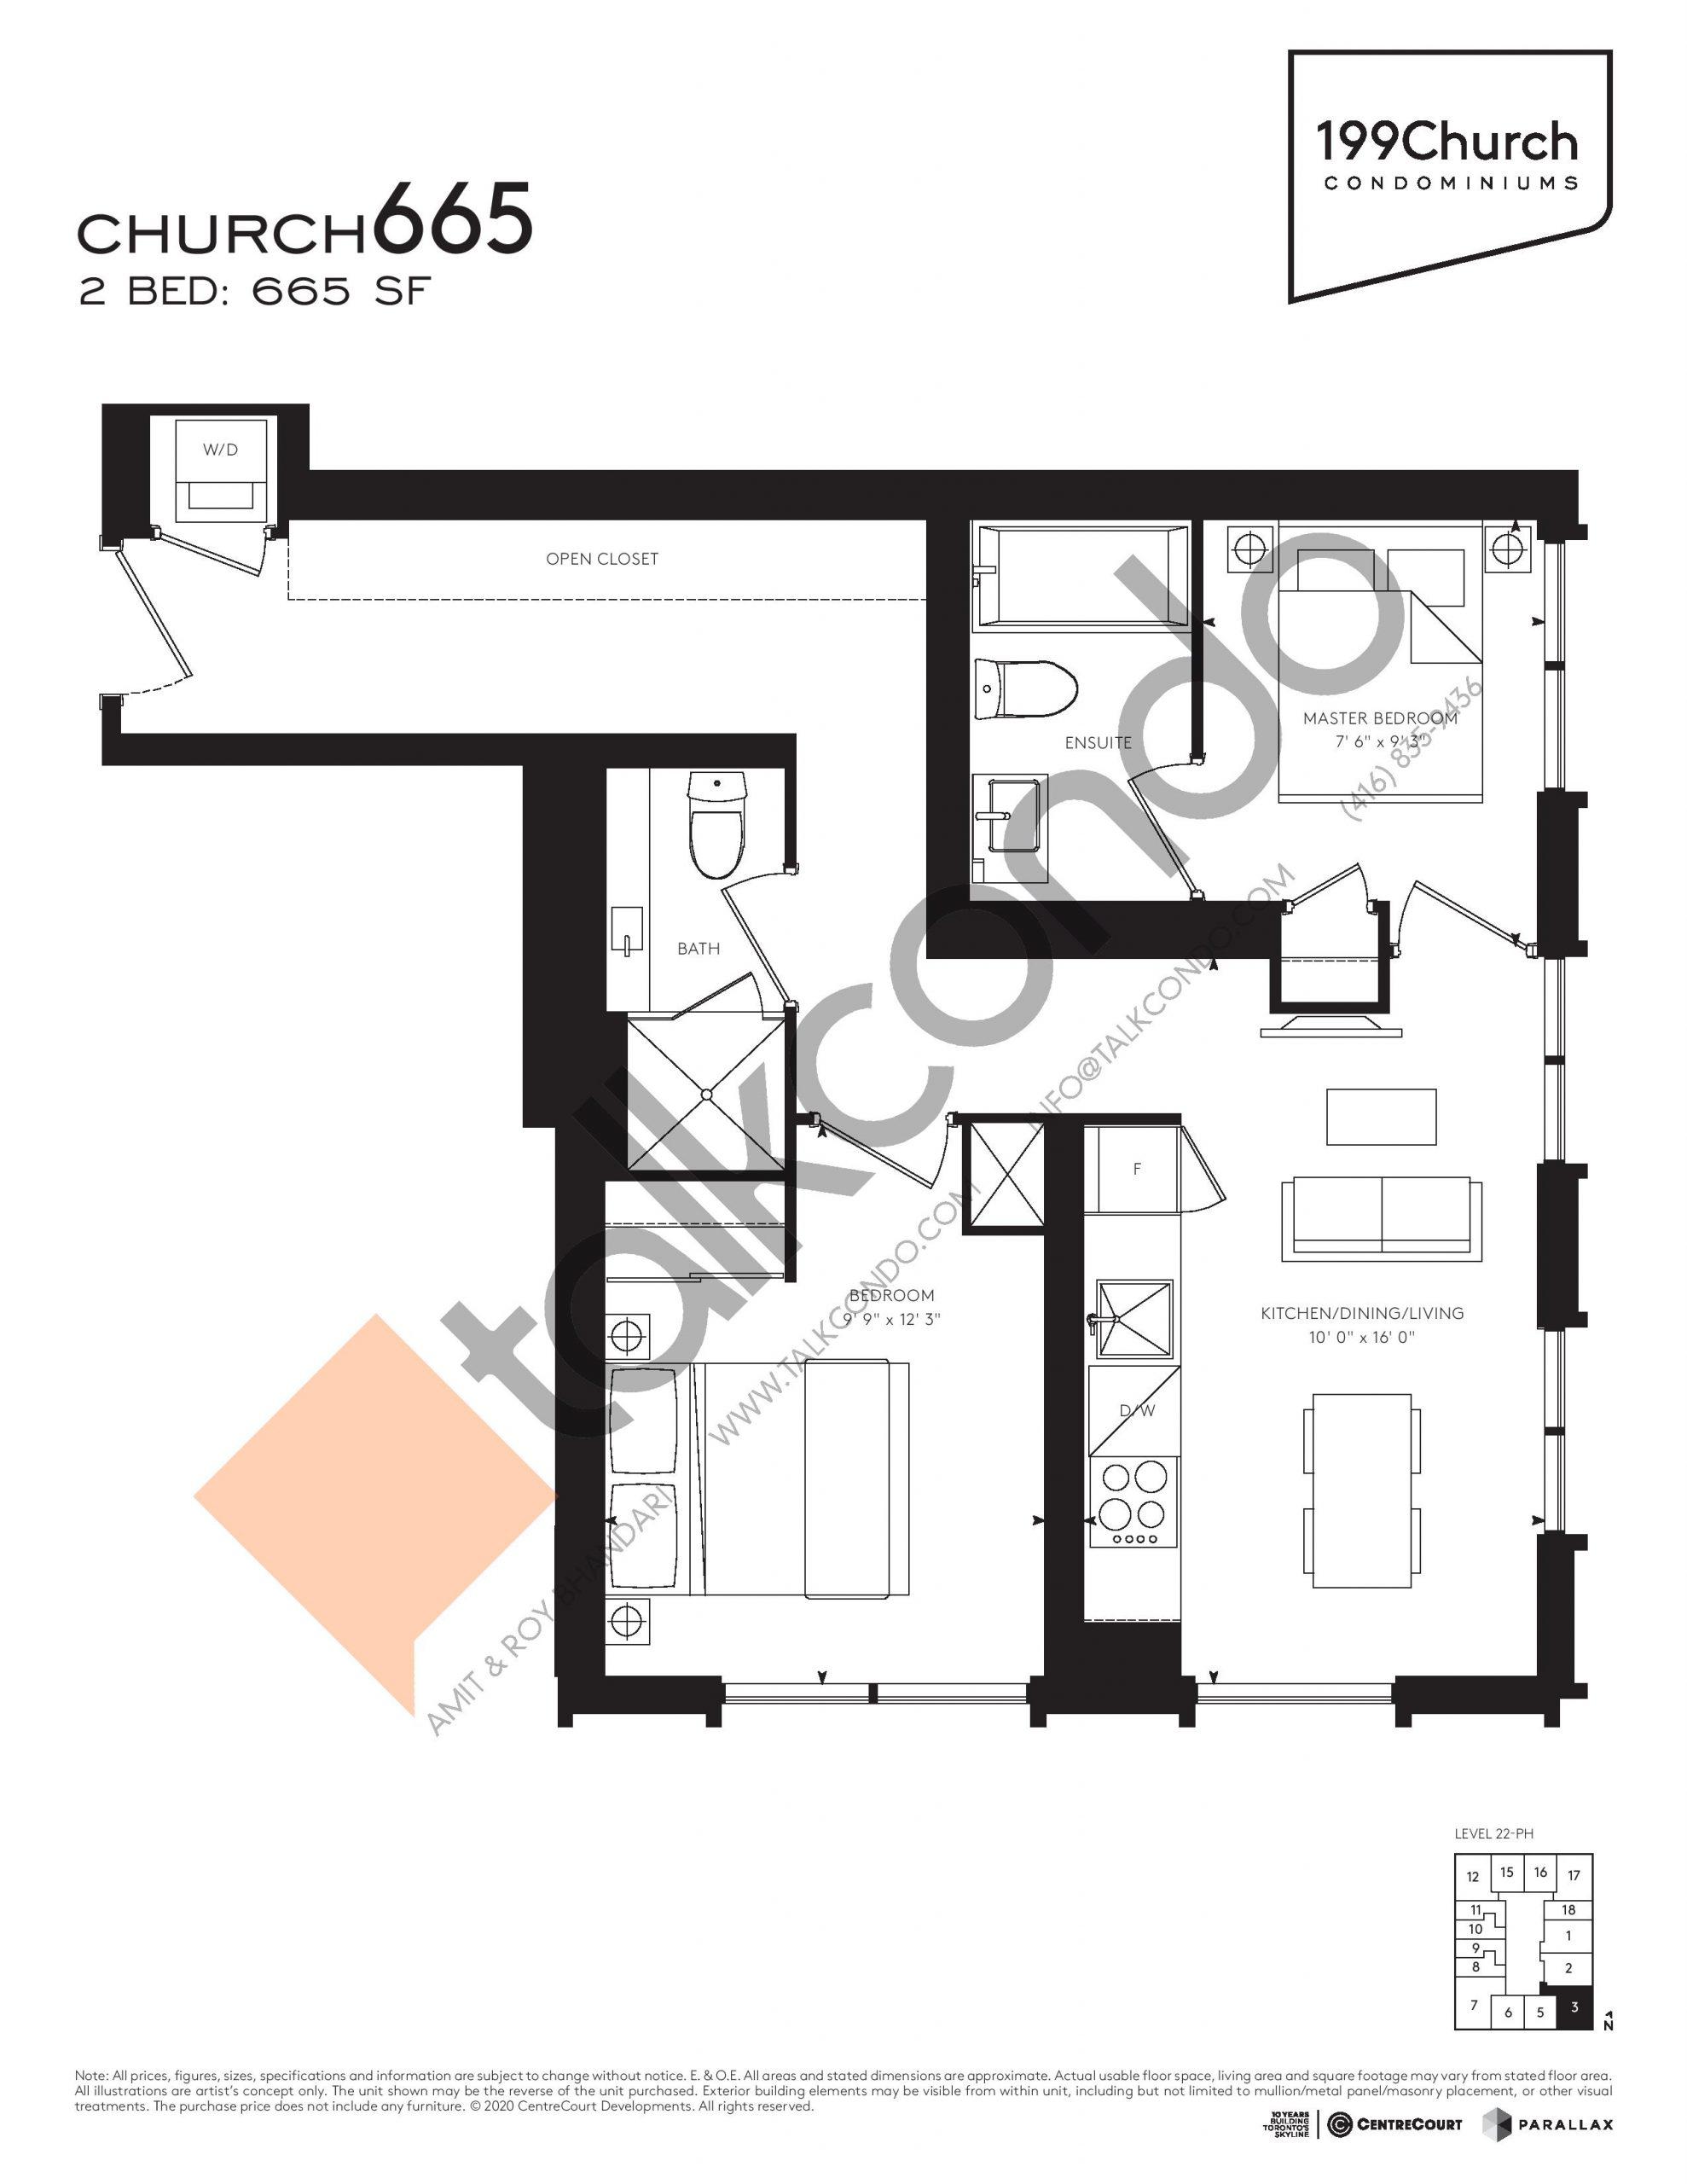 Church 665 Floor Plan at 199 Church Condos - 665 sq.ft